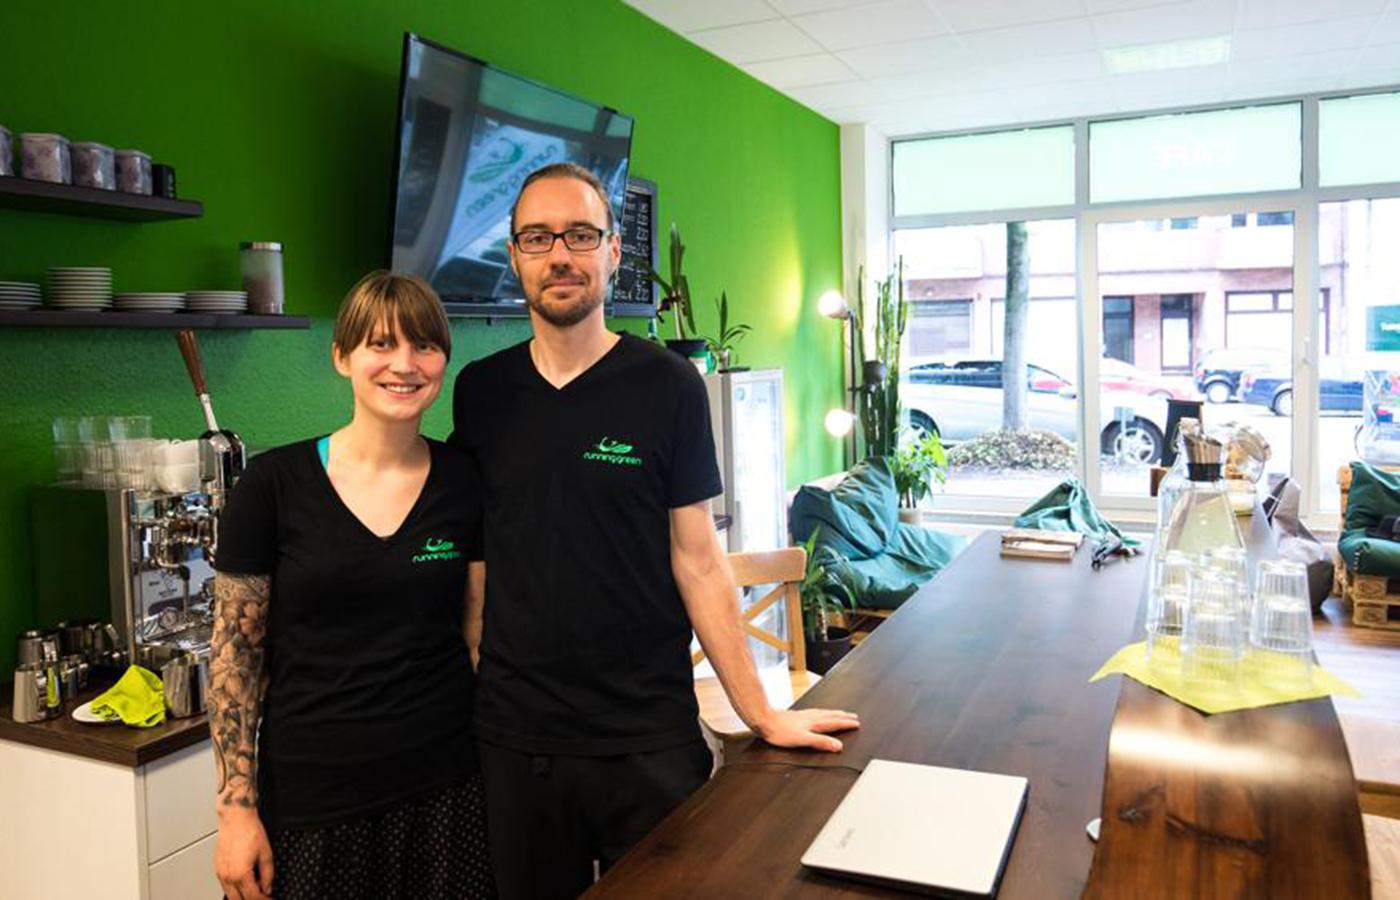 Das Team aus Hamburg / Bild: running green